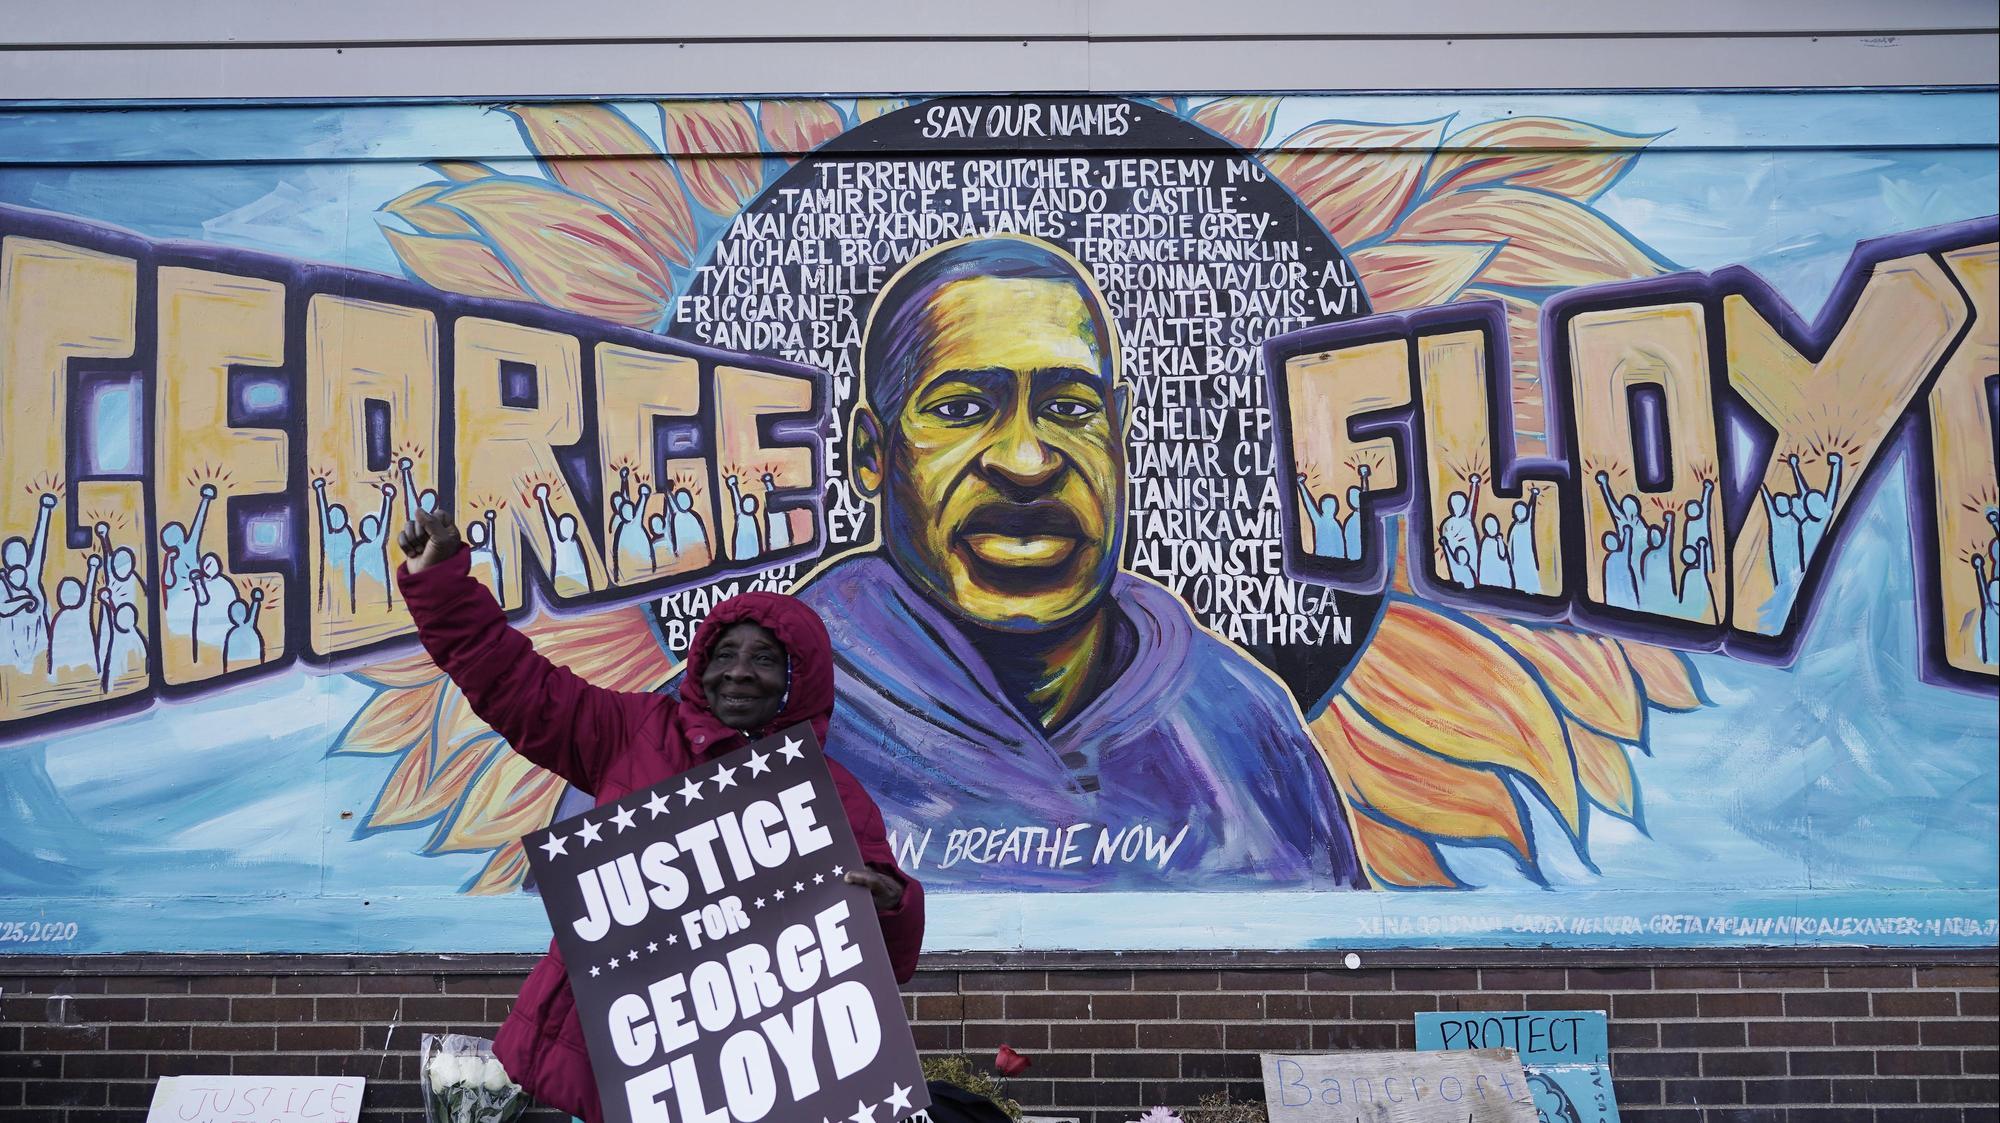 ציור קיר של ג'ורג' פלויד בעיר מיניאפוליס, מינסוטה, 20 באפריל 2021. AP